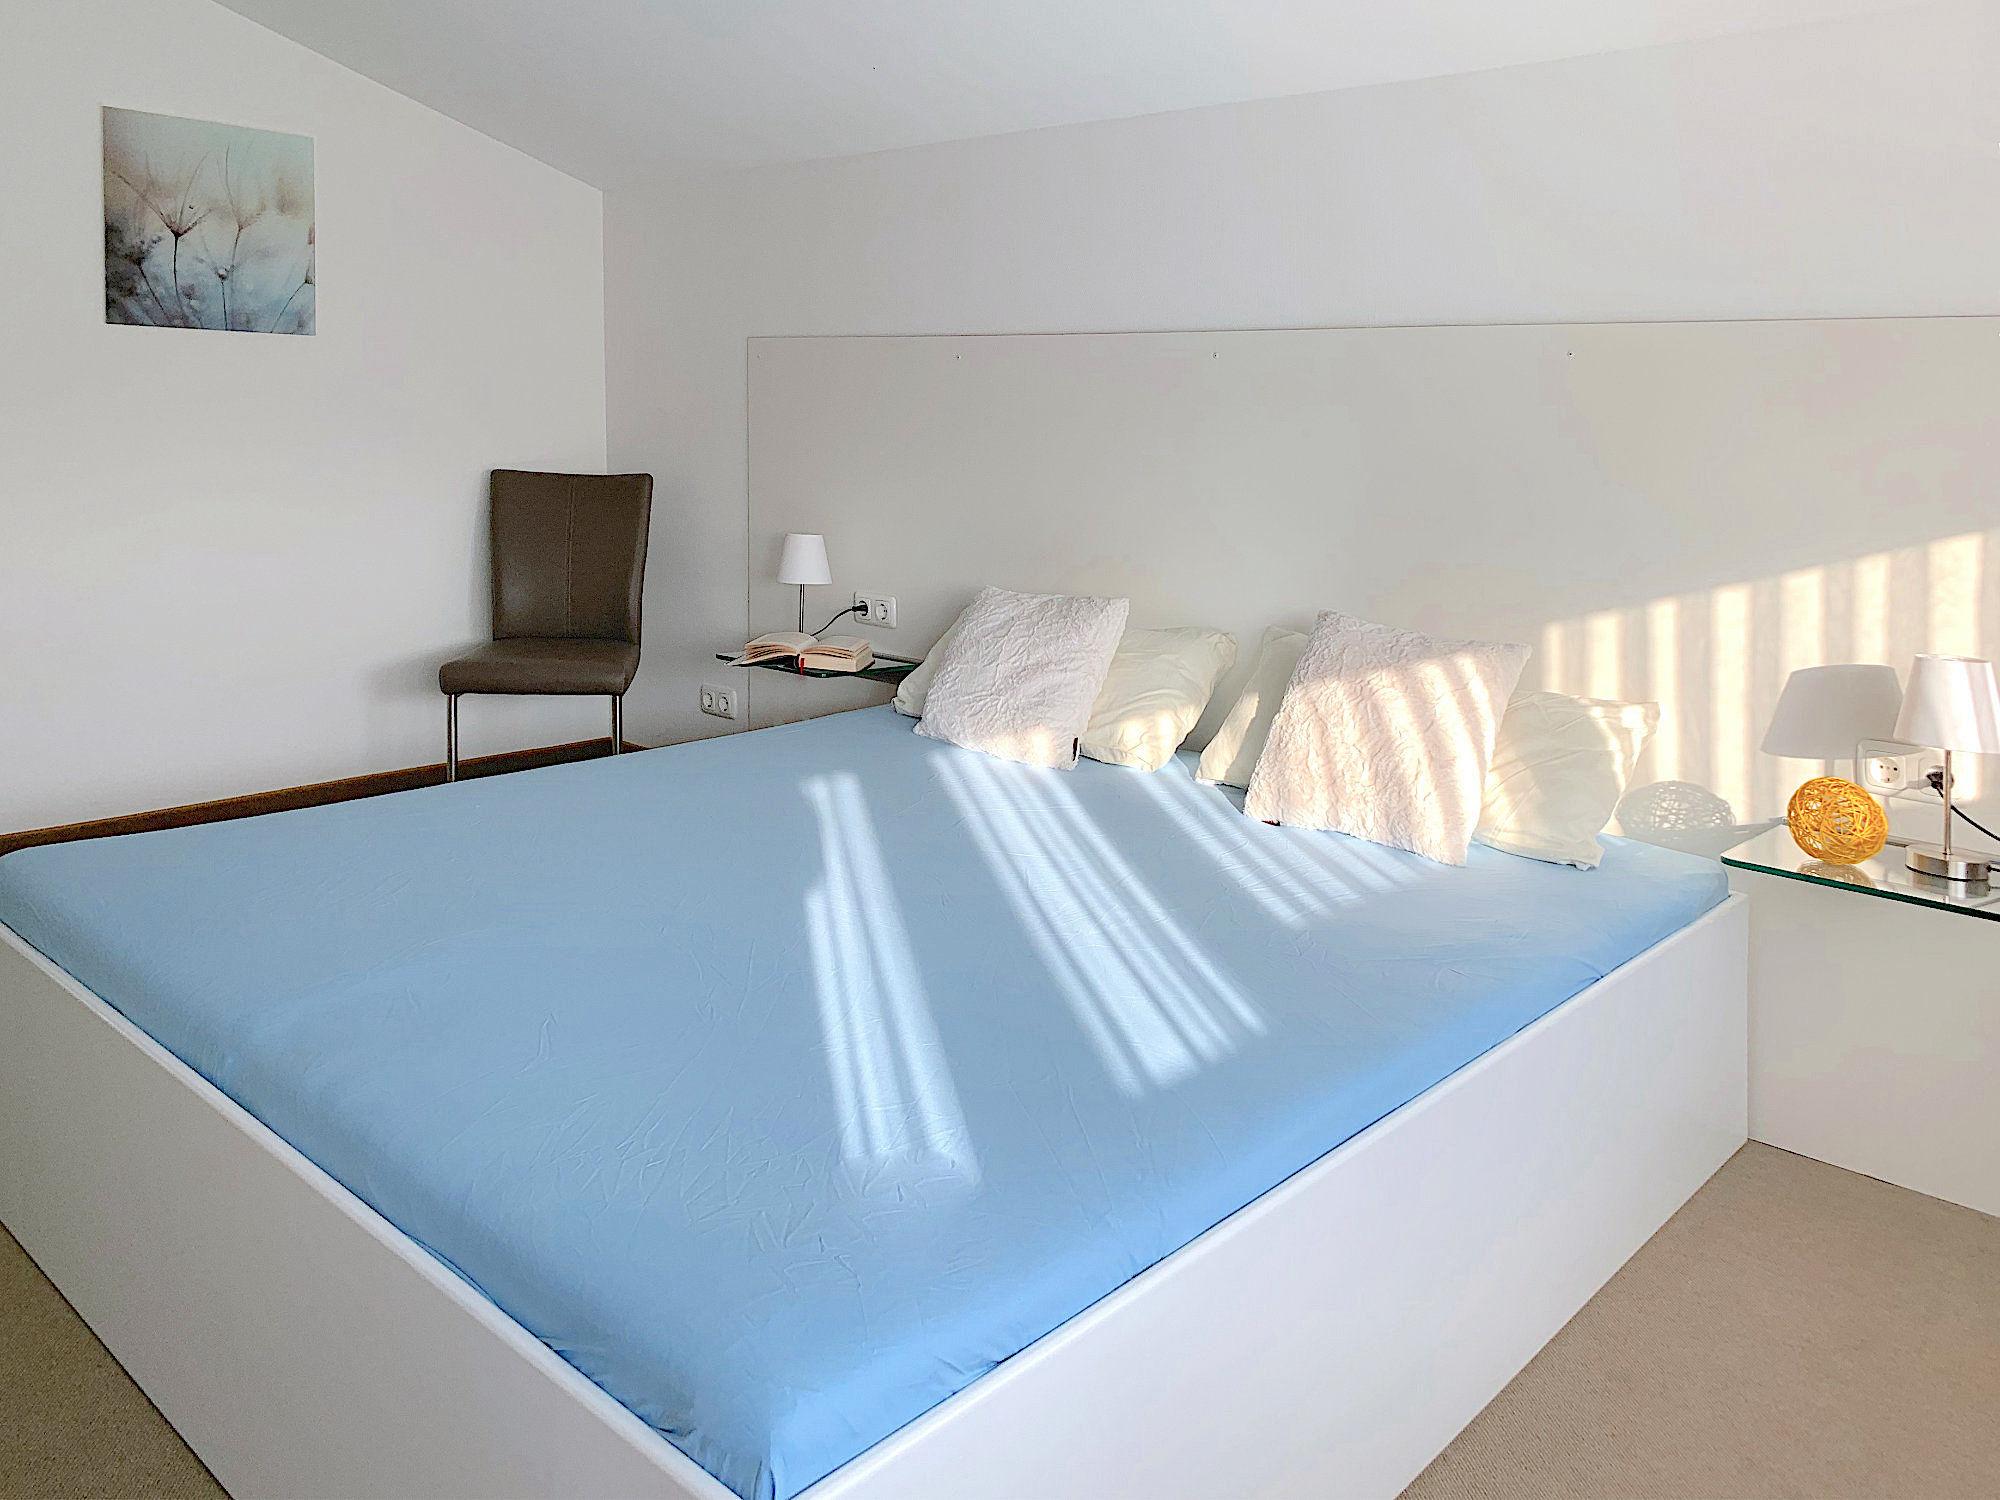 Schlafzimmer mit Doppelbett, dahinter ein Stuhl